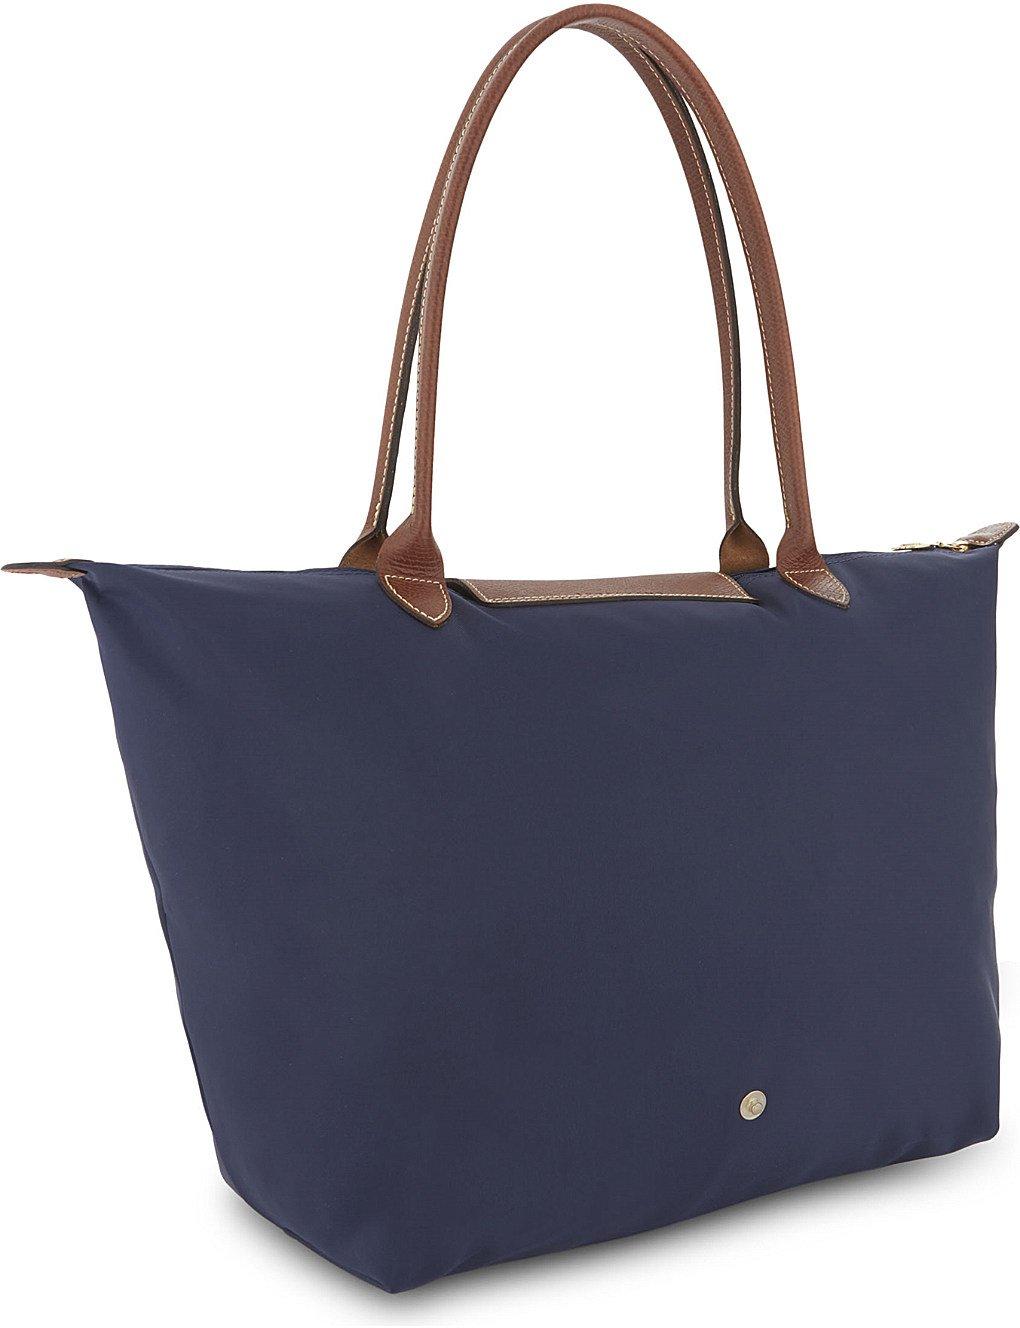 8203ae931088 Longchamp Le Pliage Large Tote shoulder bag (Navy)  Amazon.co.uk  Luggage